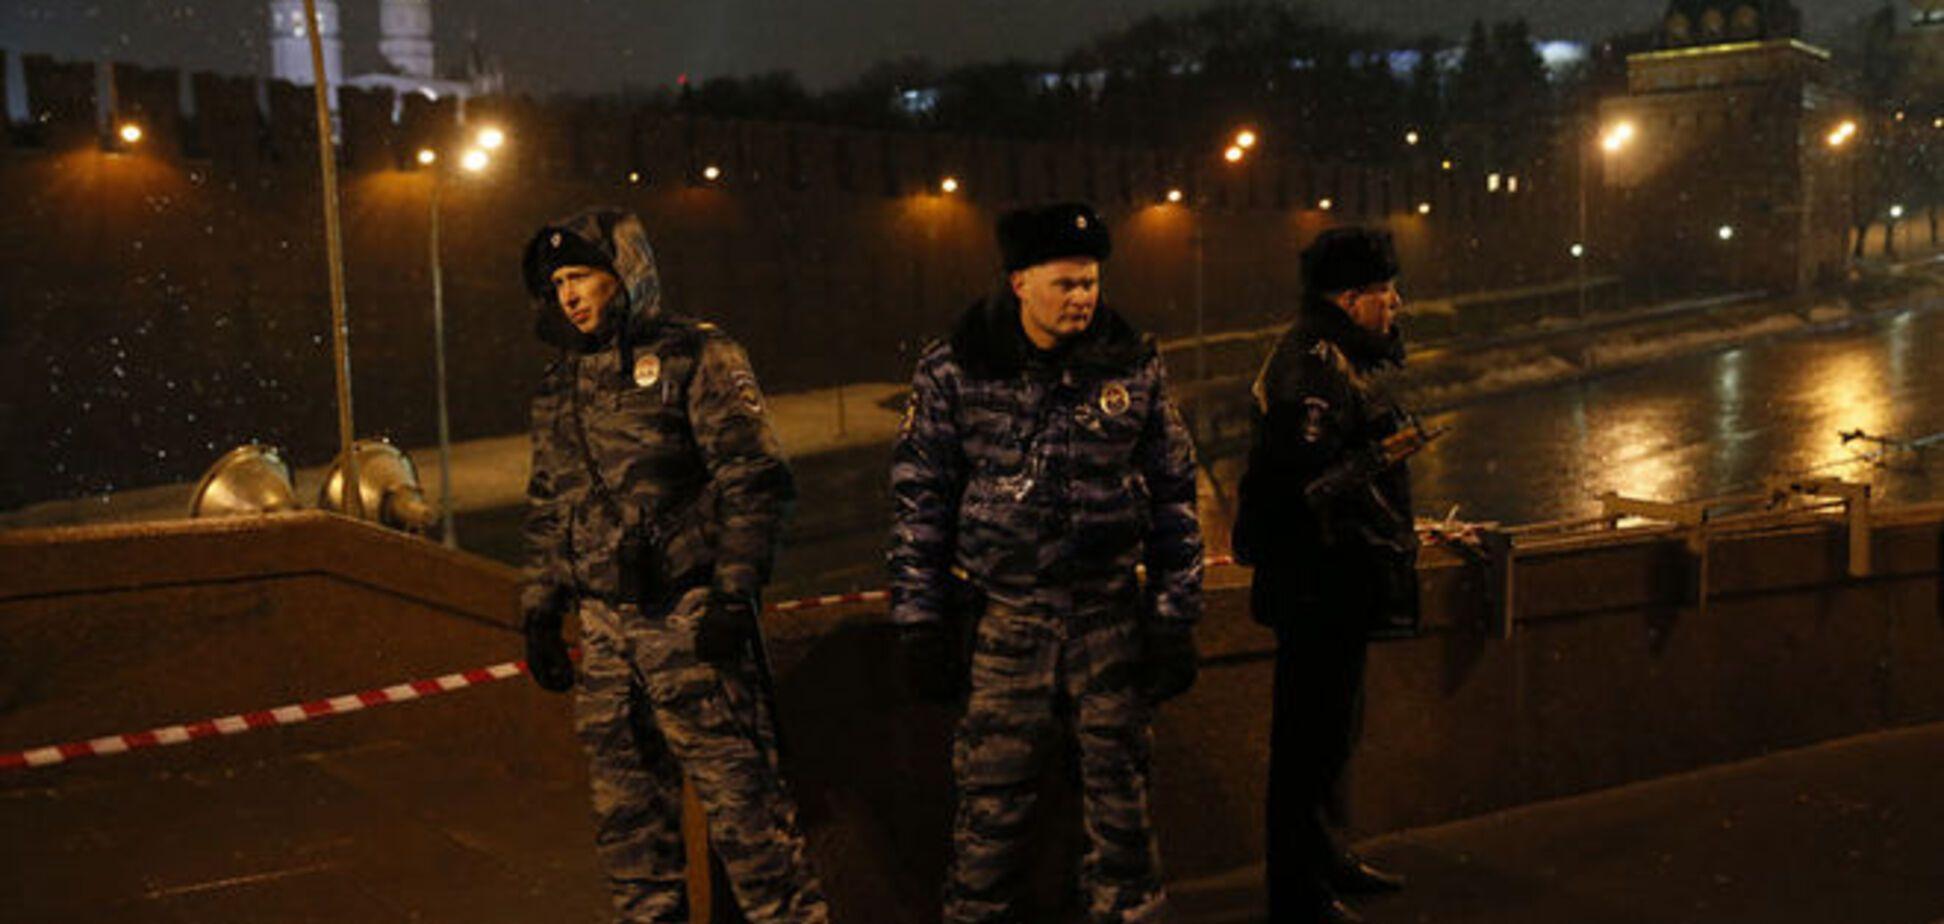 'Брутальность' убийства Немцова шокировала Керри